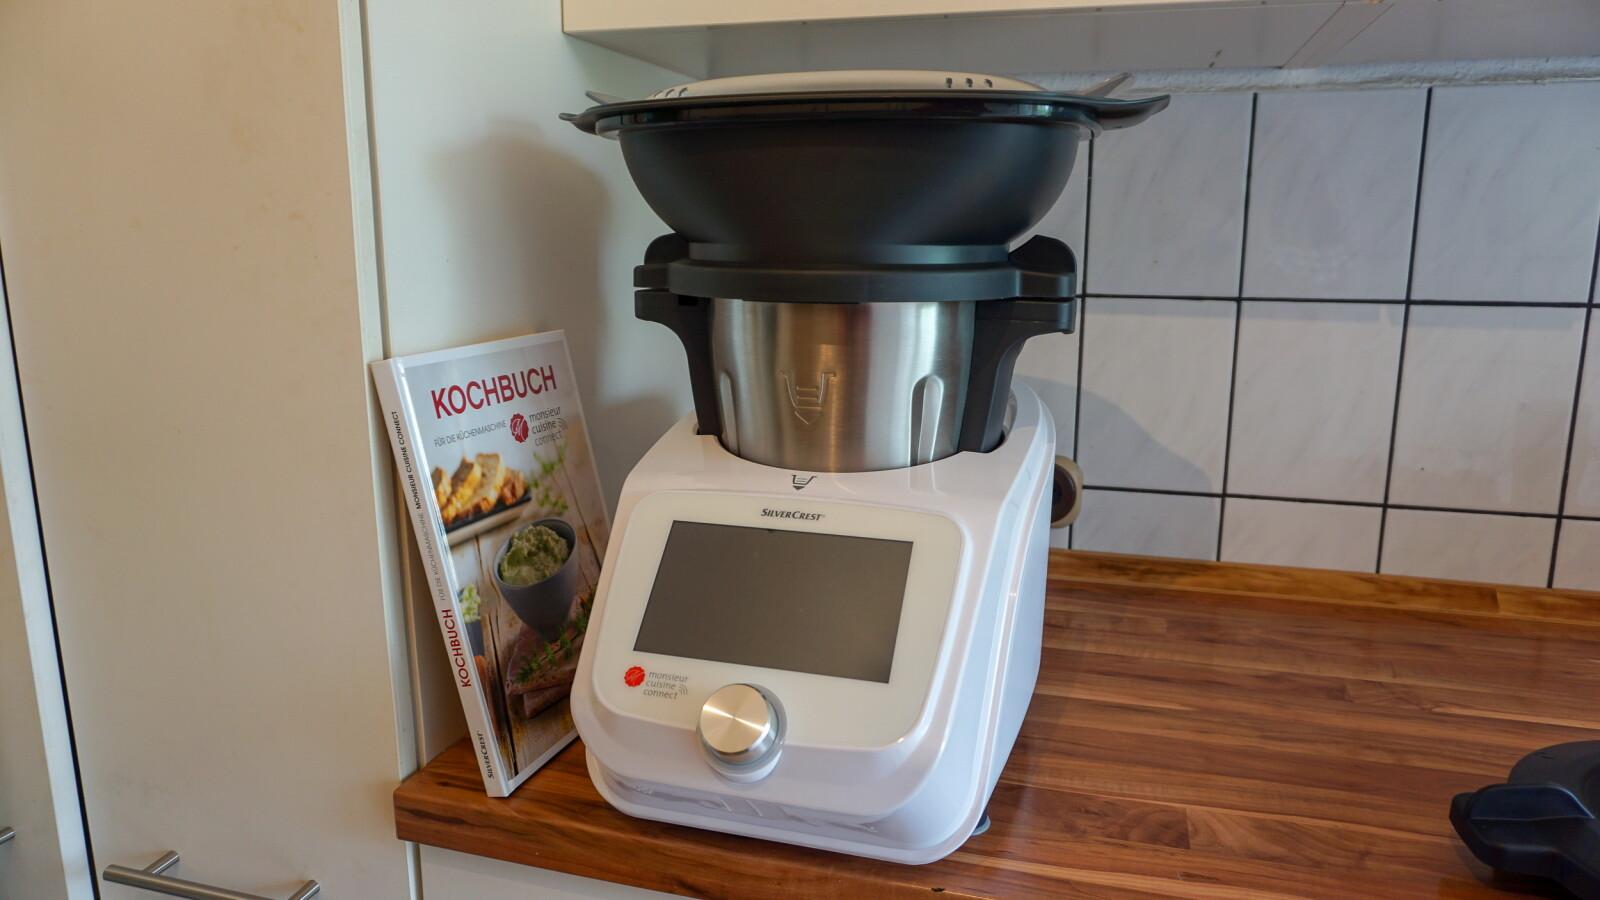 Küchenmaschine Monsieur Cuisine